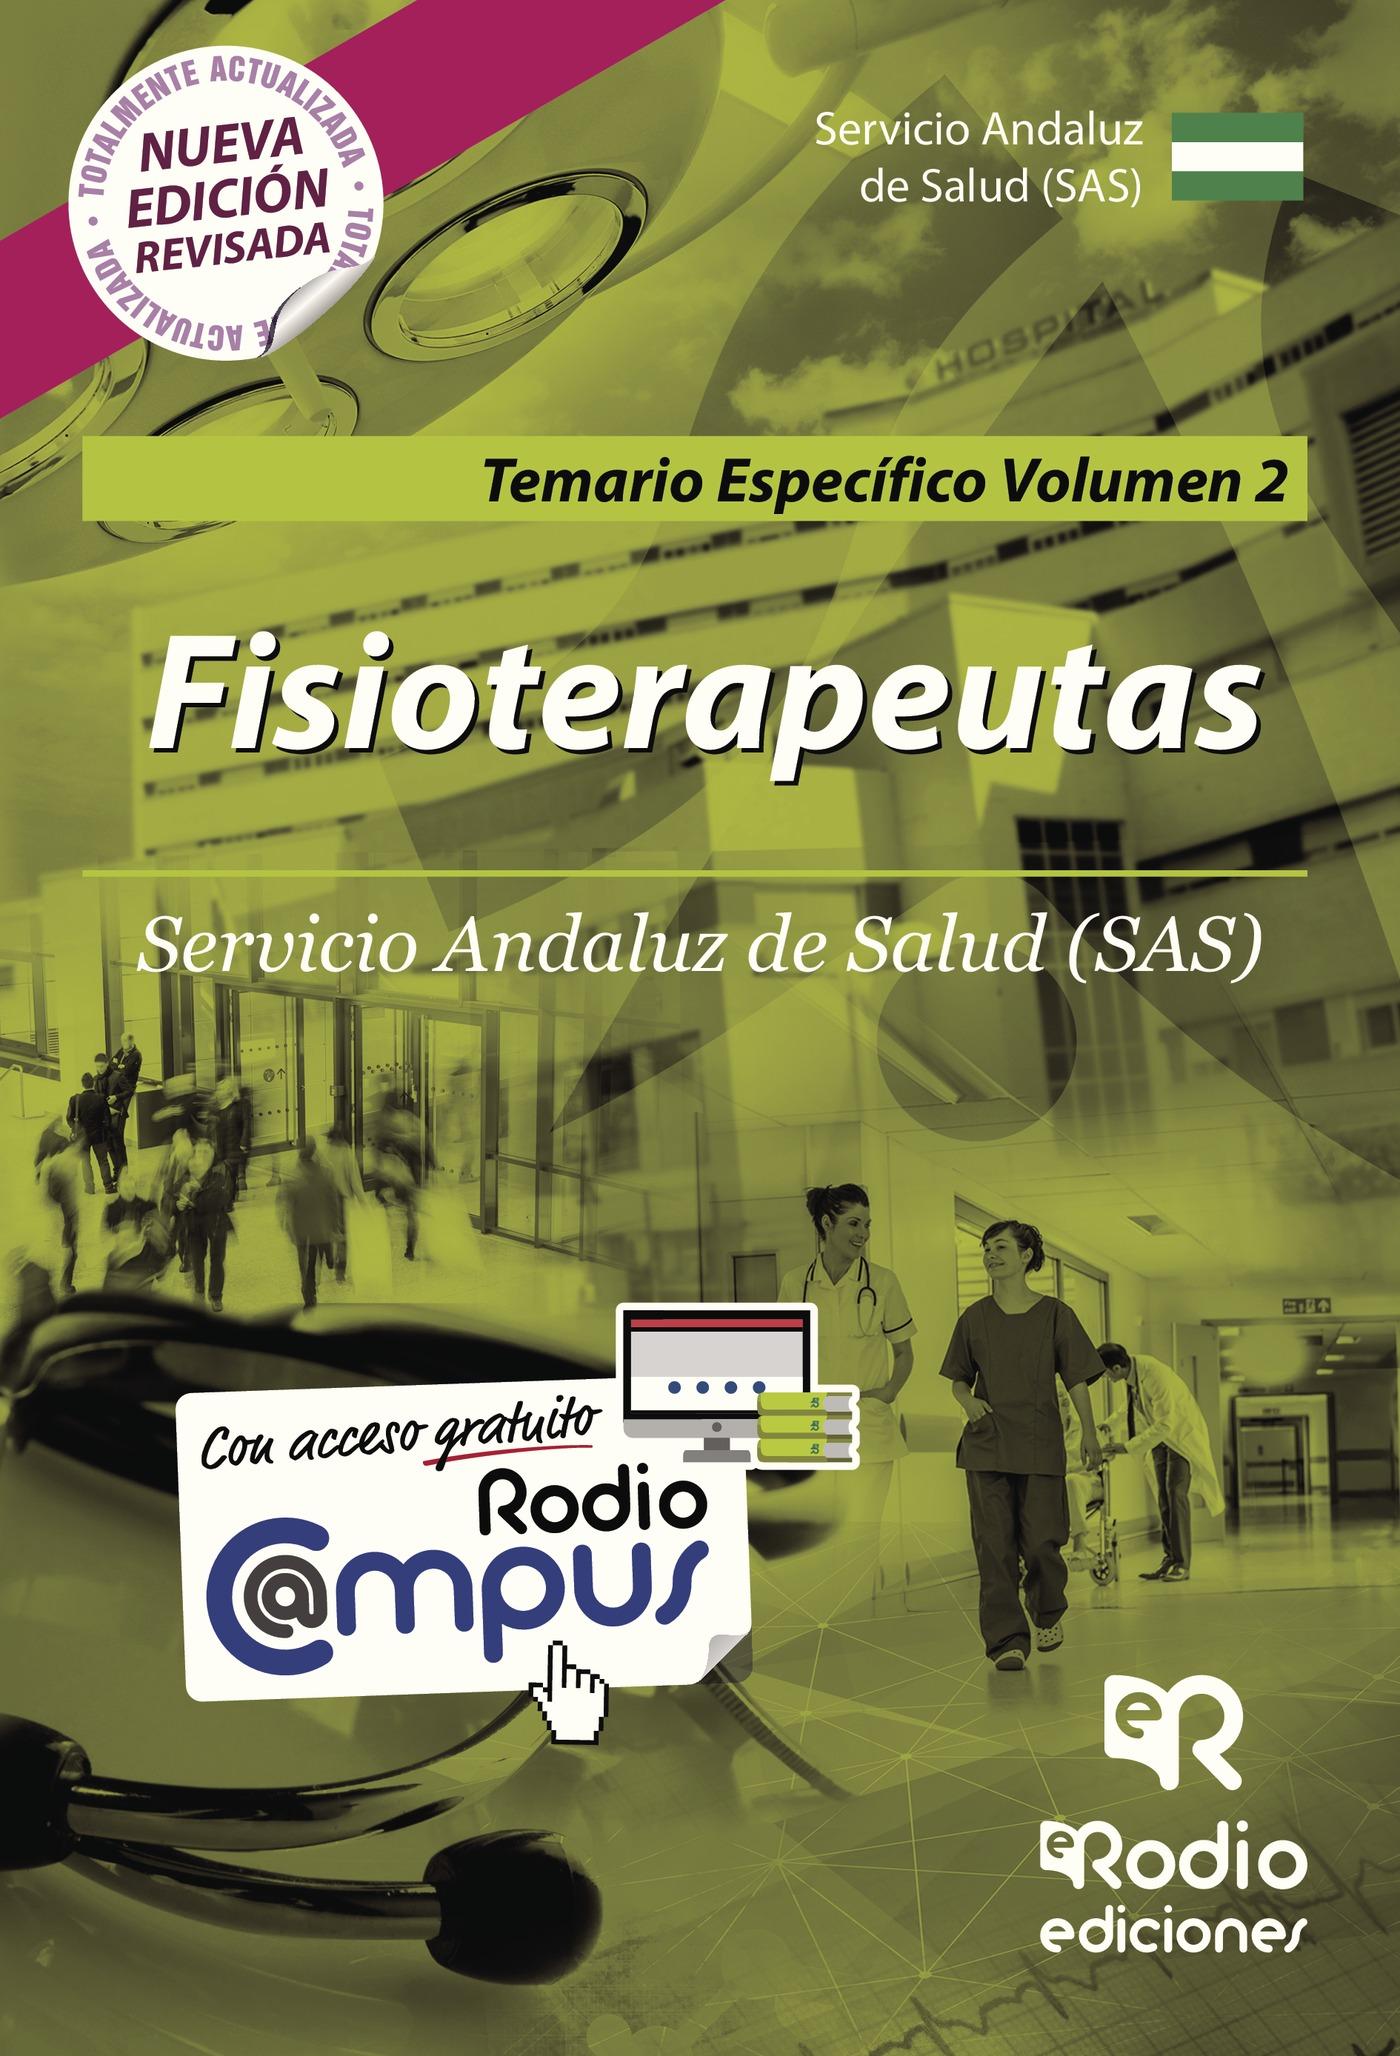 fisioterapeutas del sas: temario especifico (vol. 2)-9788416963171